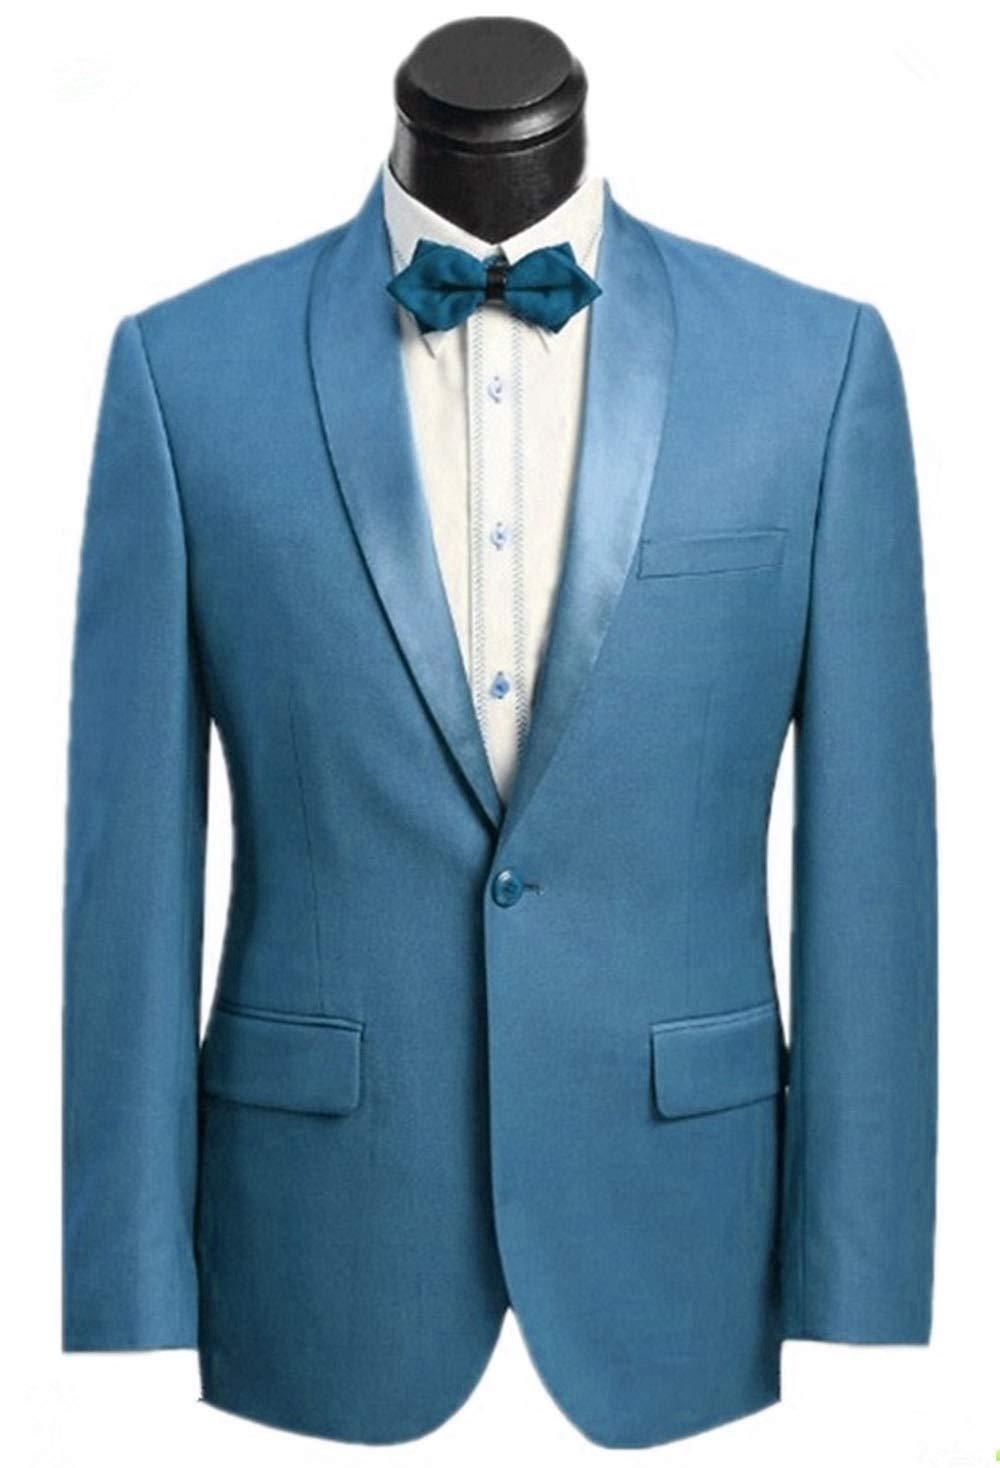 Suxiaoxi Men's 2 Pieces Shwal Lapel Tuxedo Suits Slim Fit(Blazer+Pants+Bow Tie)